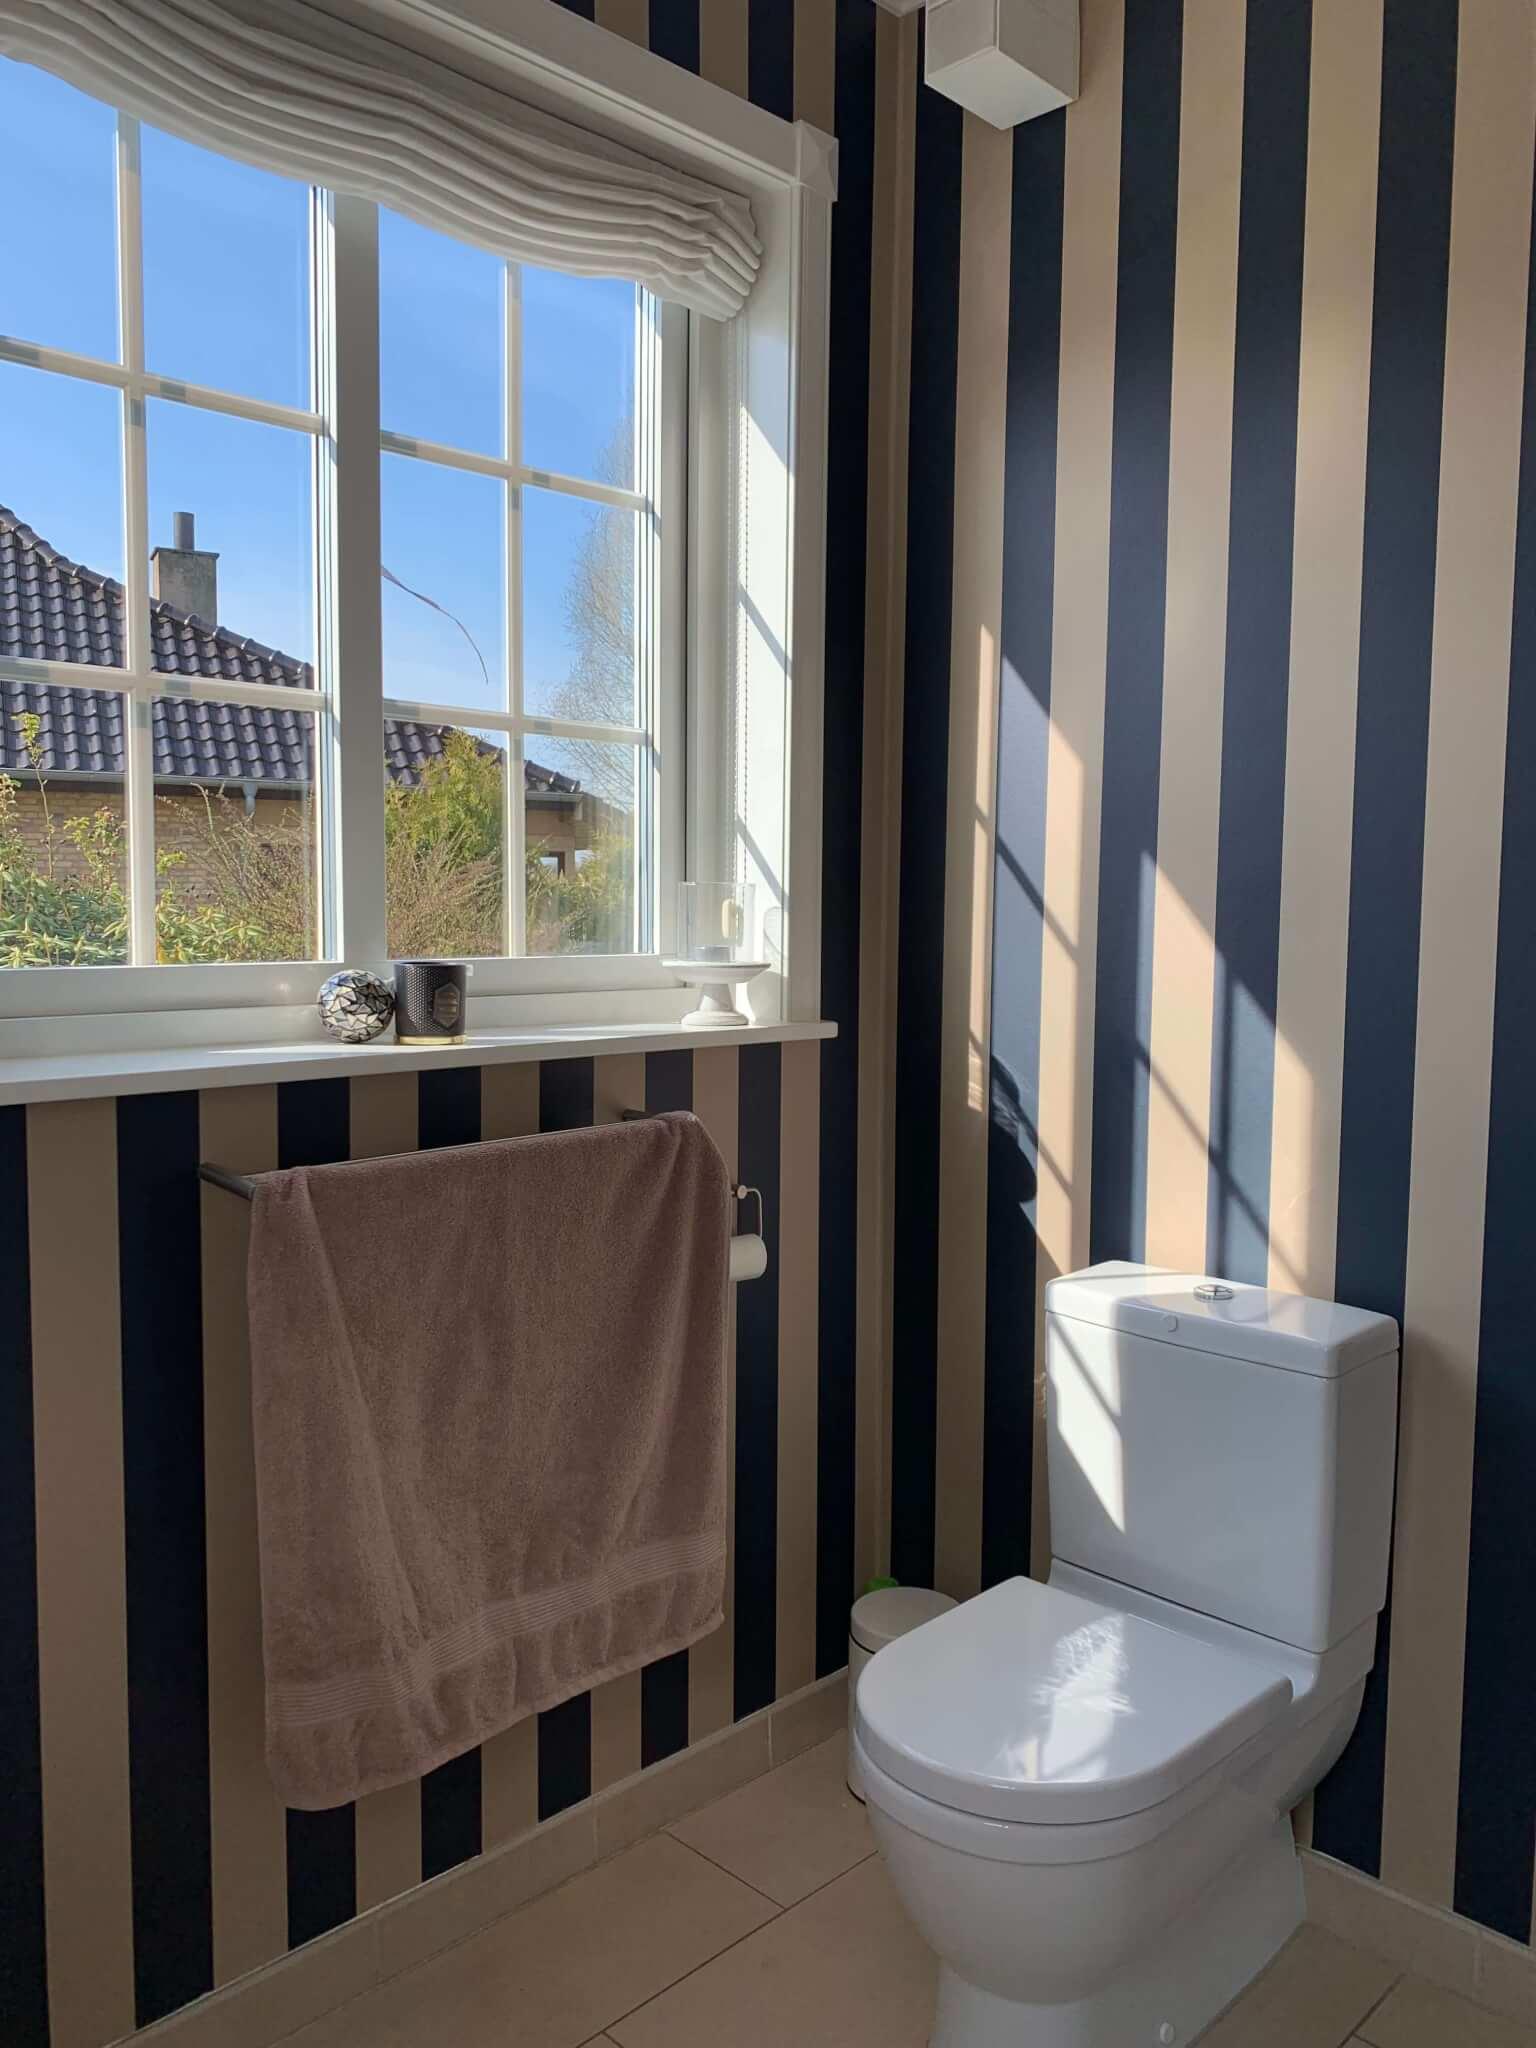 Opfriskning af badeværelse EFTER